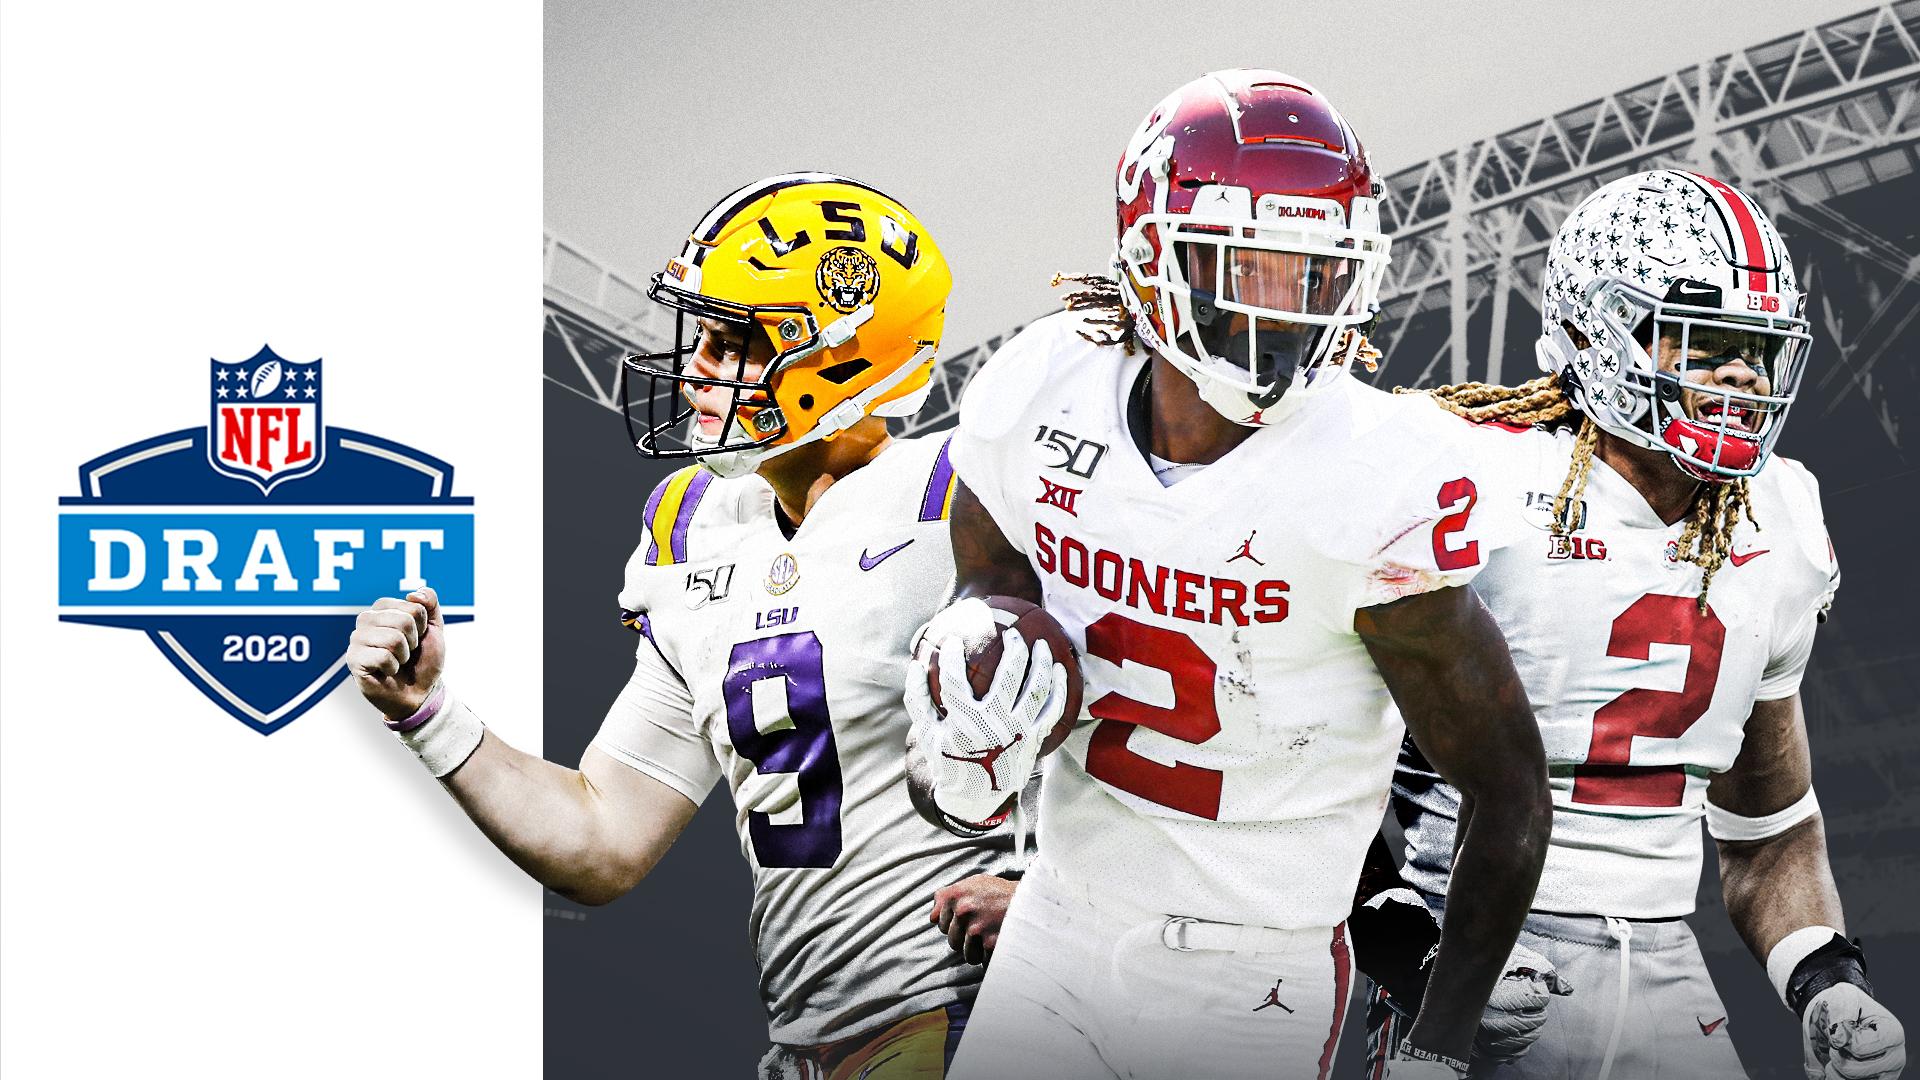 NFL Draft prospects 2020: gran tablero de los 100 mejores jugadores en general, clasificaciones de posición completas 64